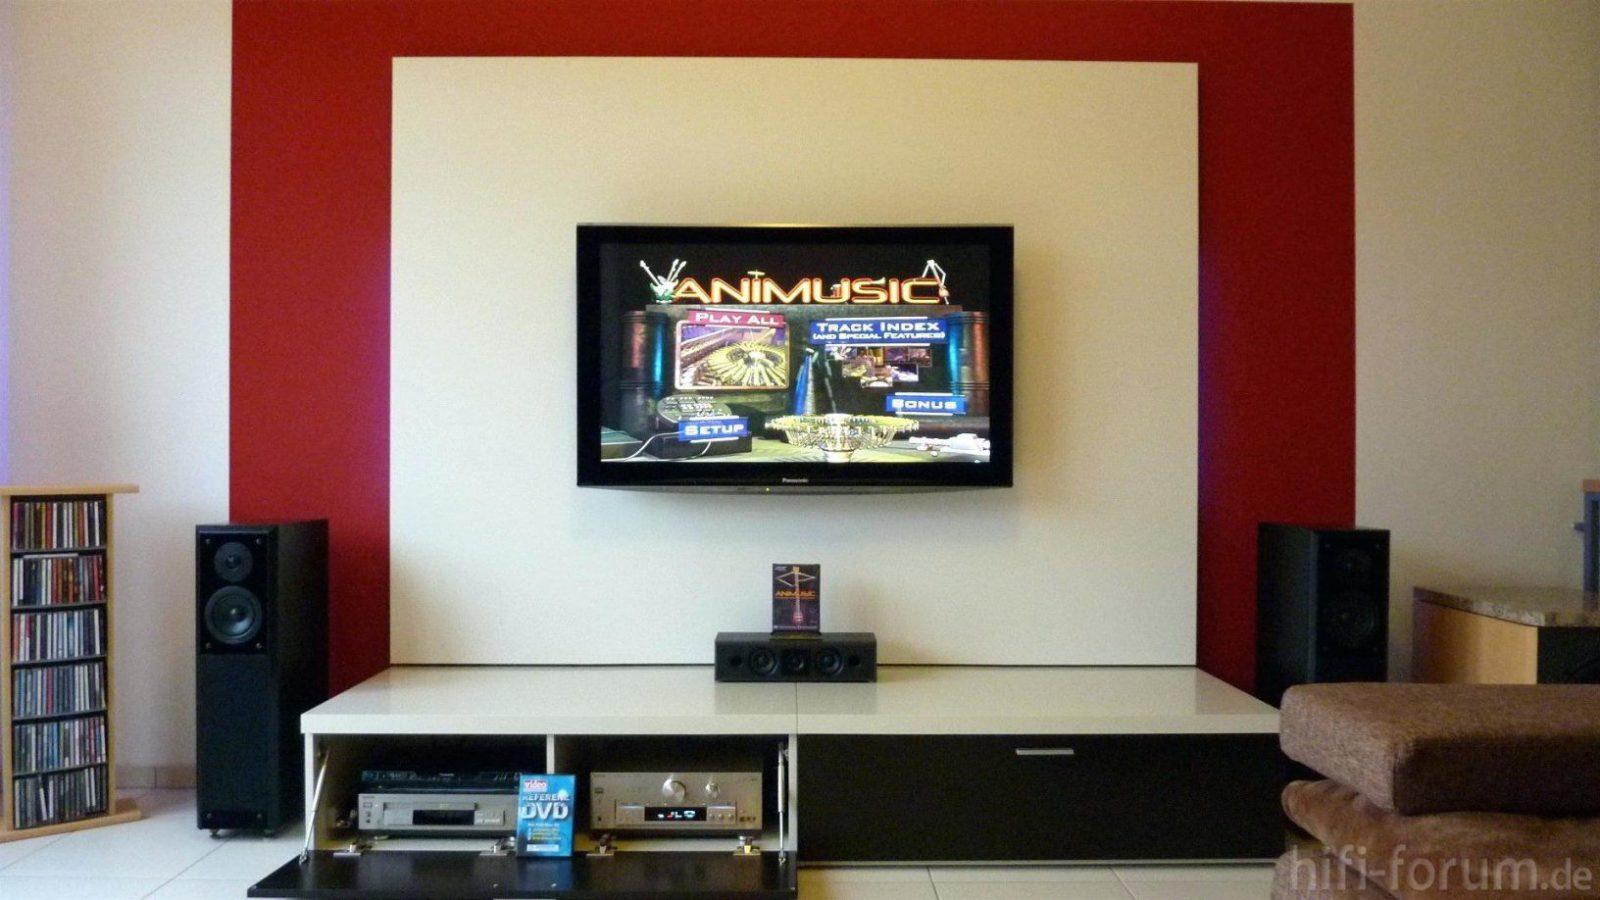 Tv Verstecken Fernseherwand Home Design Ideas Kabel Ikea Flat von Tv An Wand Kabel Verstecken Photo